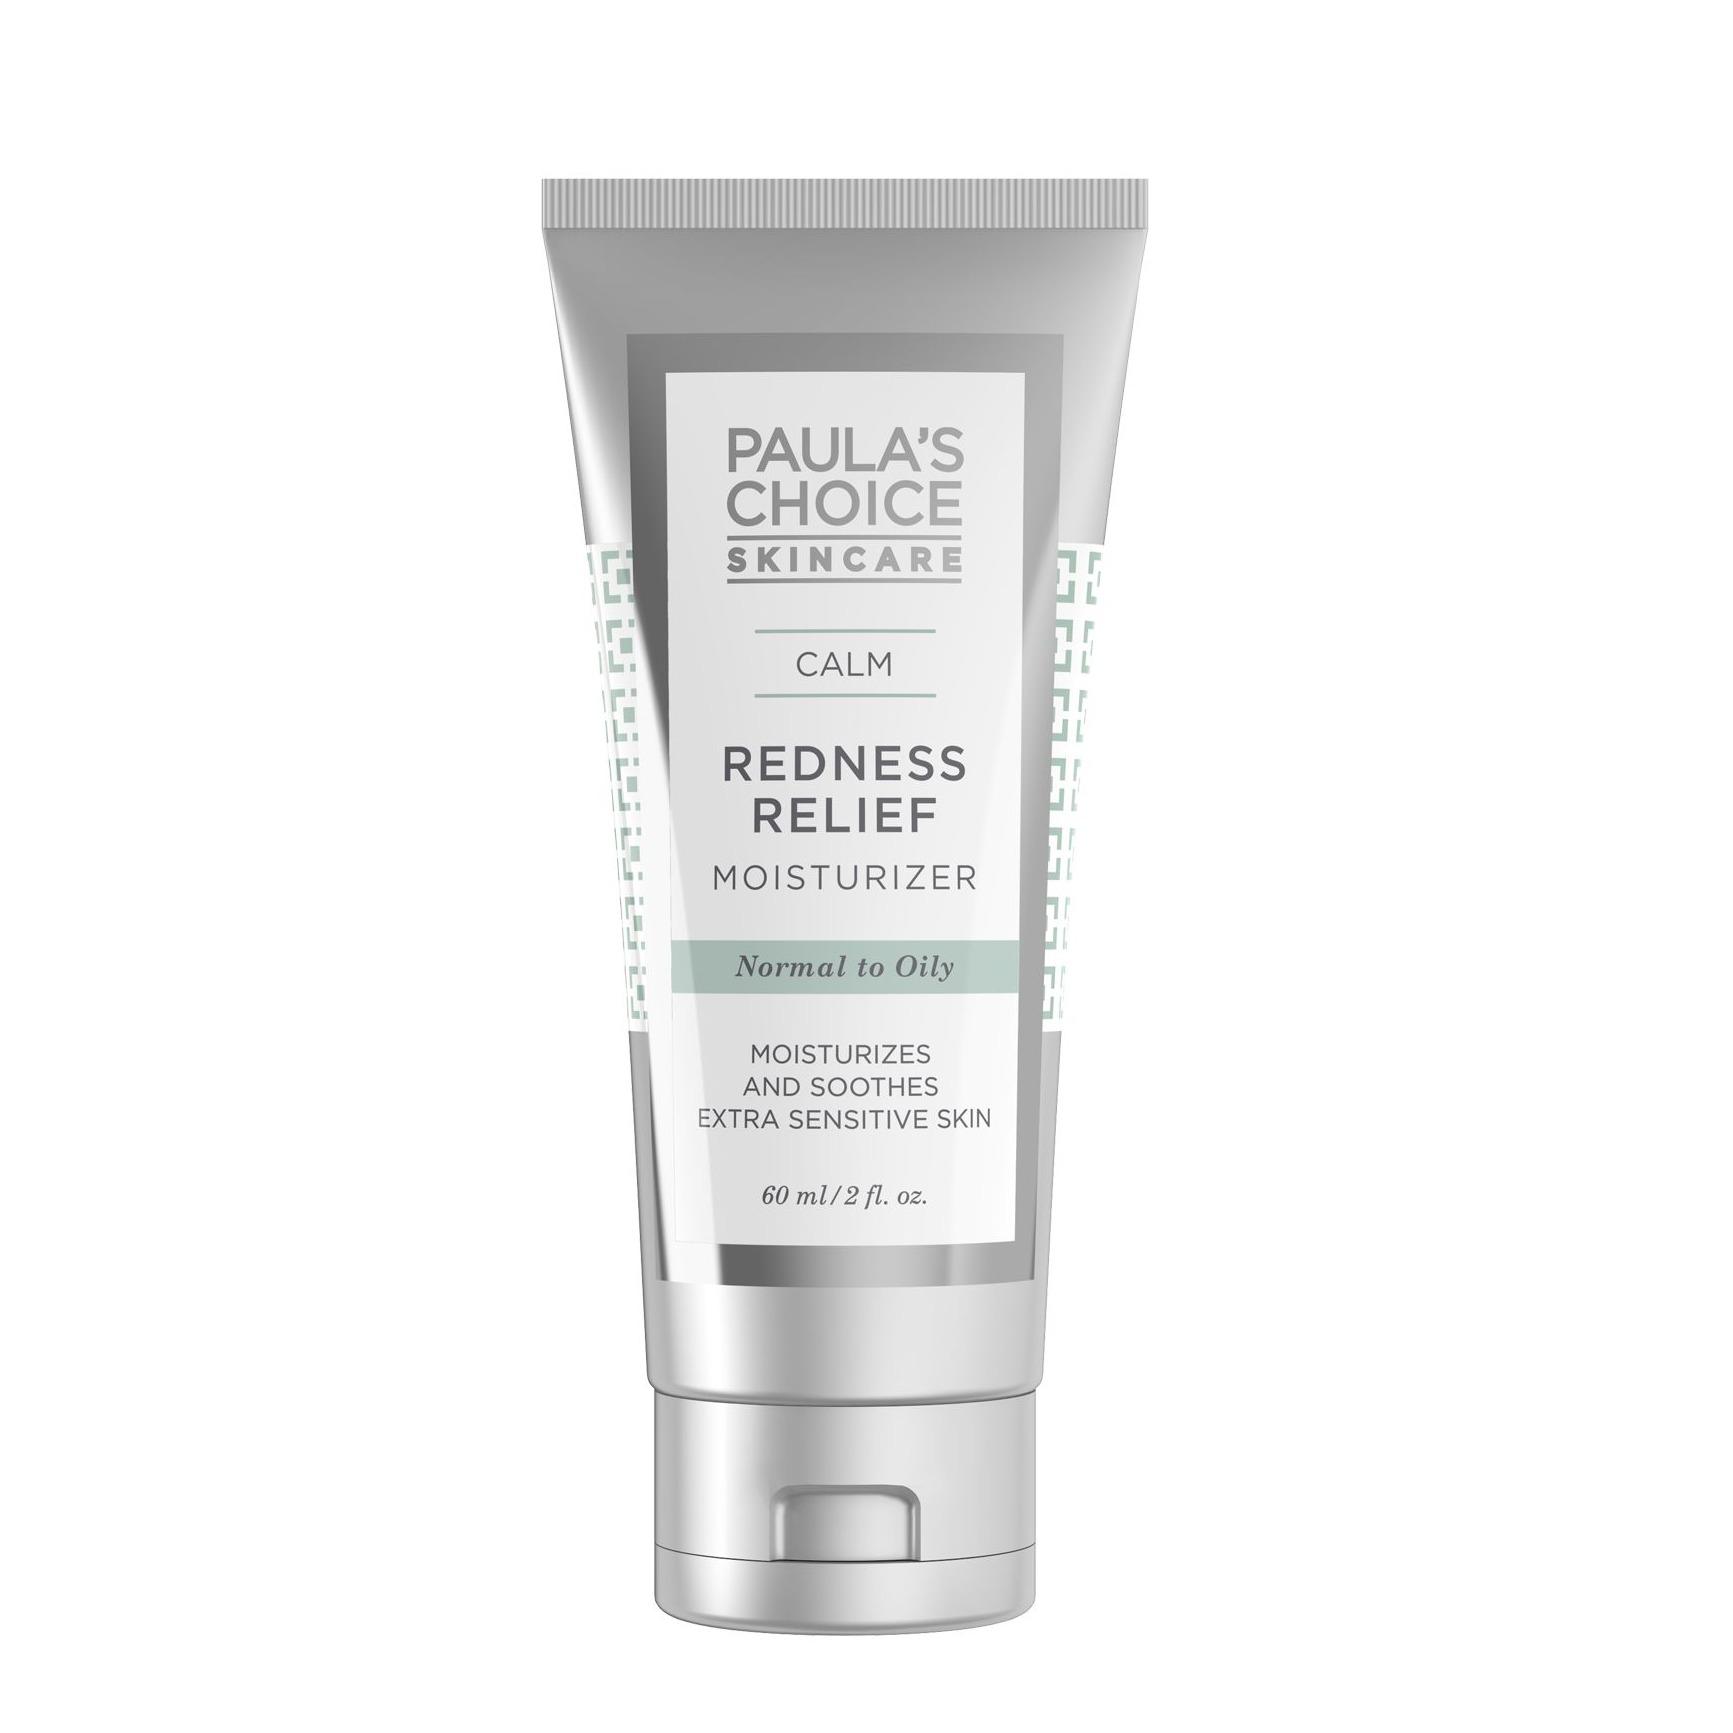 PAULA'S CHOICE CALM CALM Redness Relief Moisturizer for Normal to Oily Skin